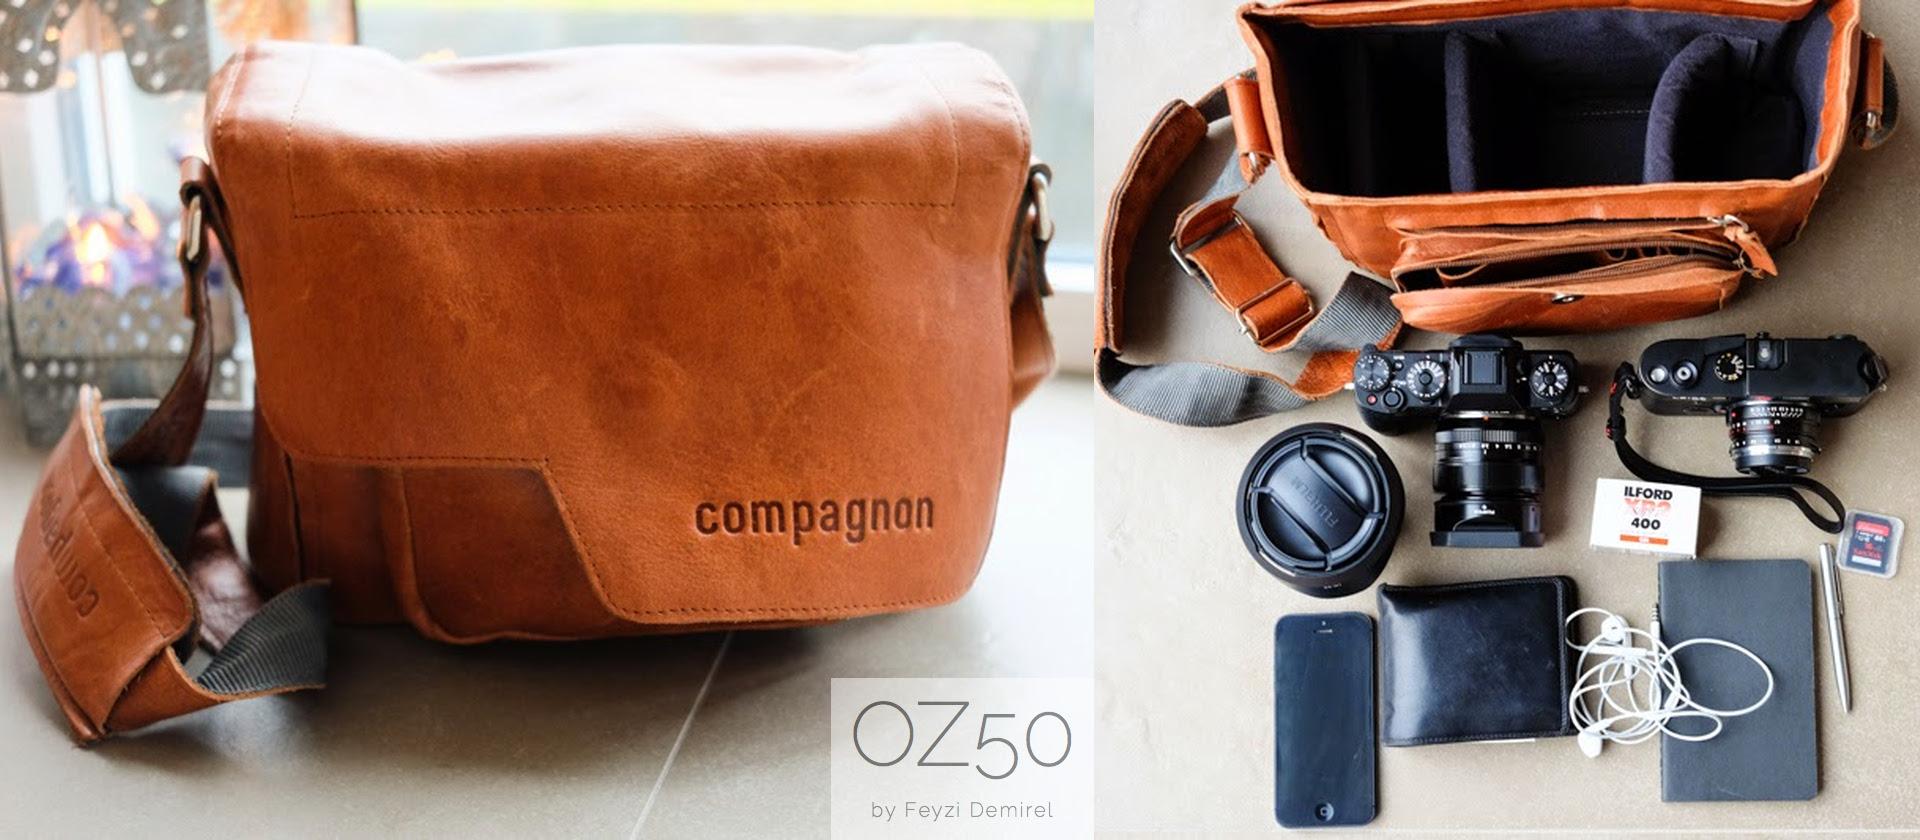 oz50-feyzi-demirel-kameratasche-fujixt1